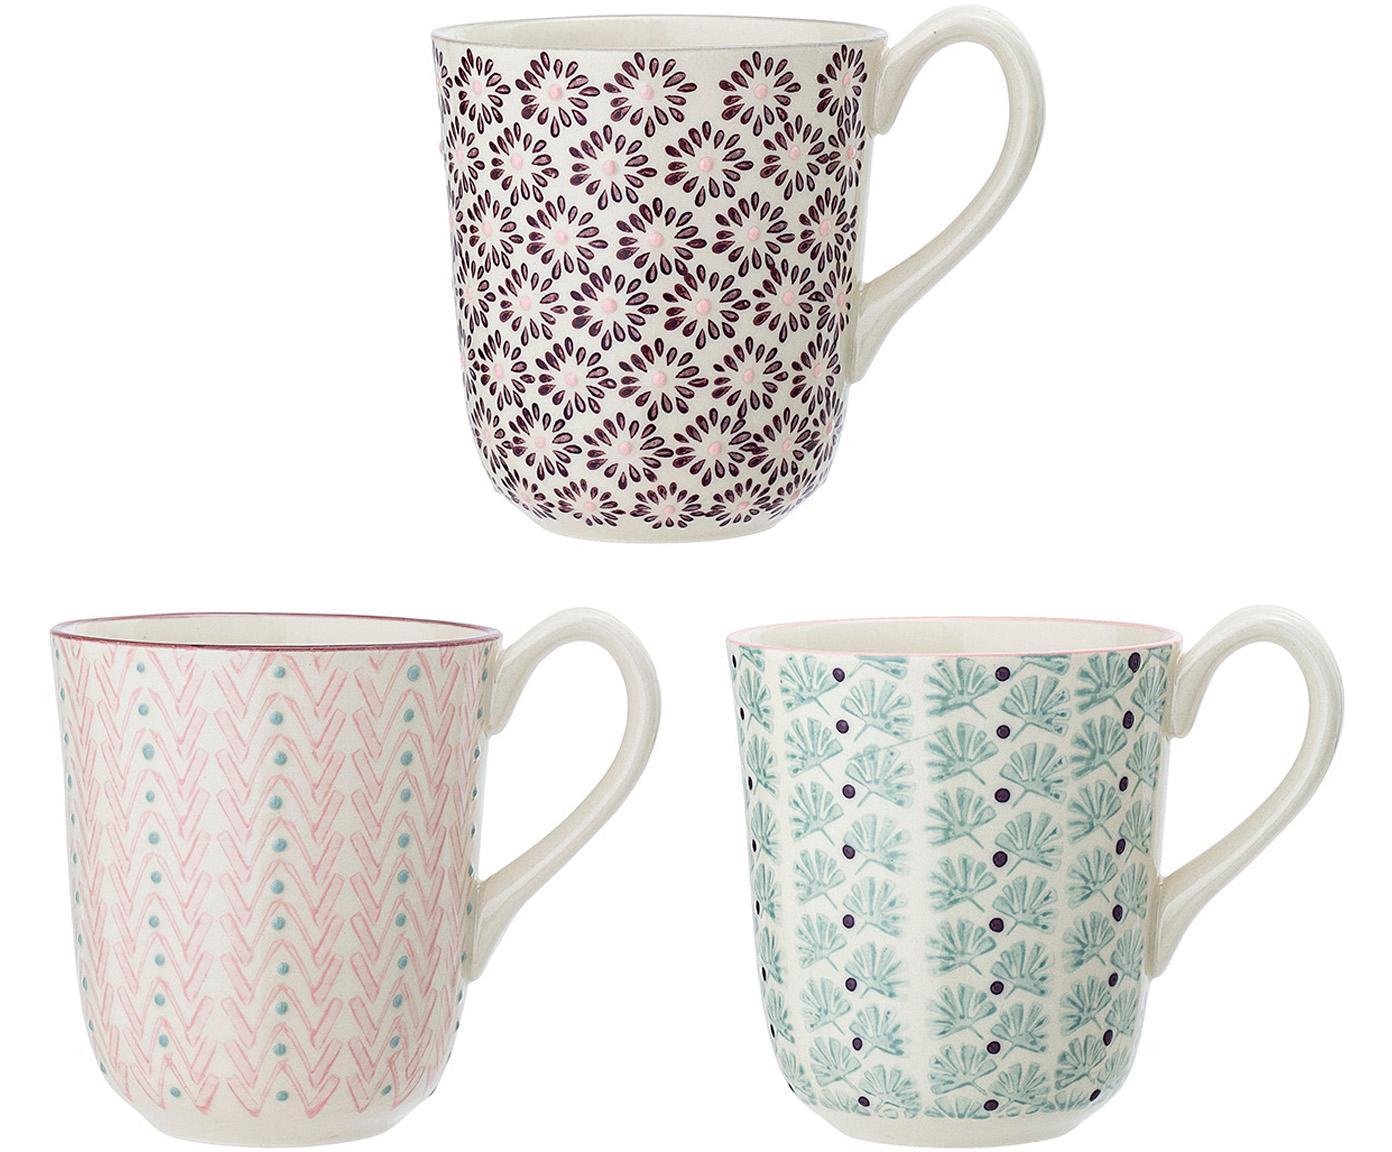 Set de tazas Maya, 3pzas., Gres, Blanco, verde, rosa, lila, Ø 9 x Al 10 cm